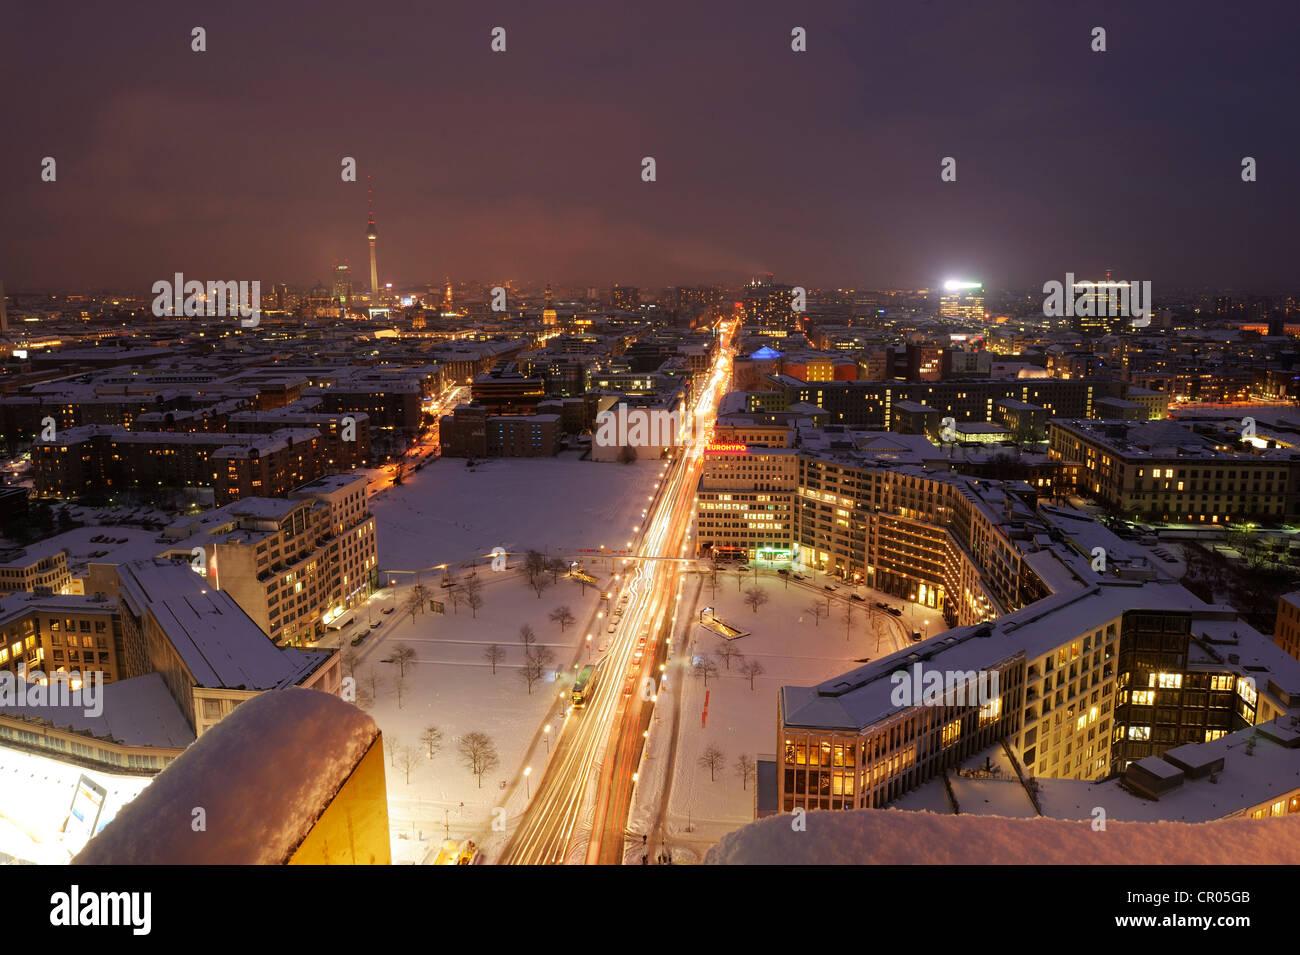 Illuminazione notturna della città potsdamer platz berlin